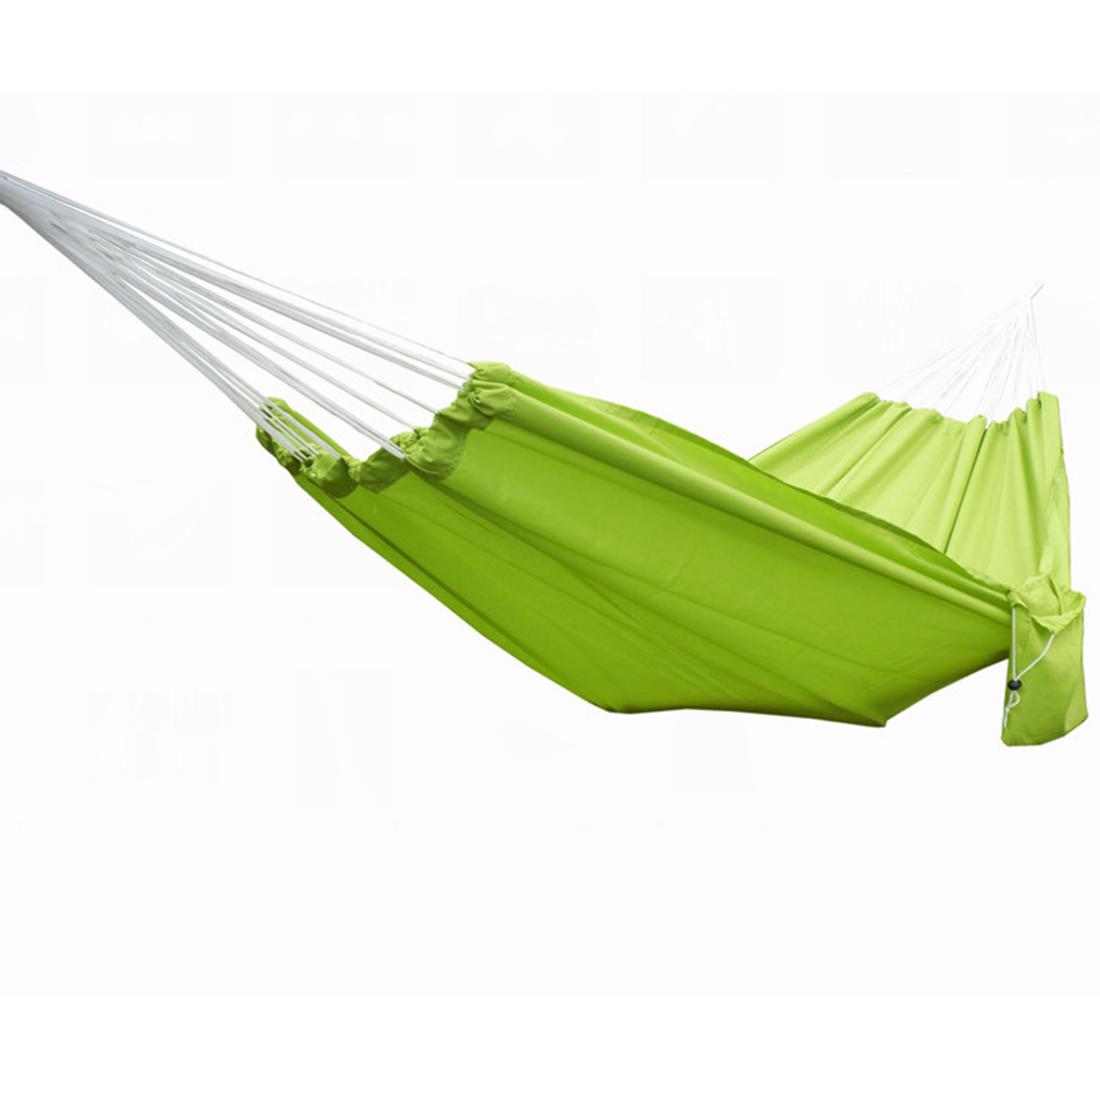 Tragbare Double Hängematte Hängenden Schaukel Bett Mit Aufbewahrungstasche  Für Camping/Wandern/Strand(China